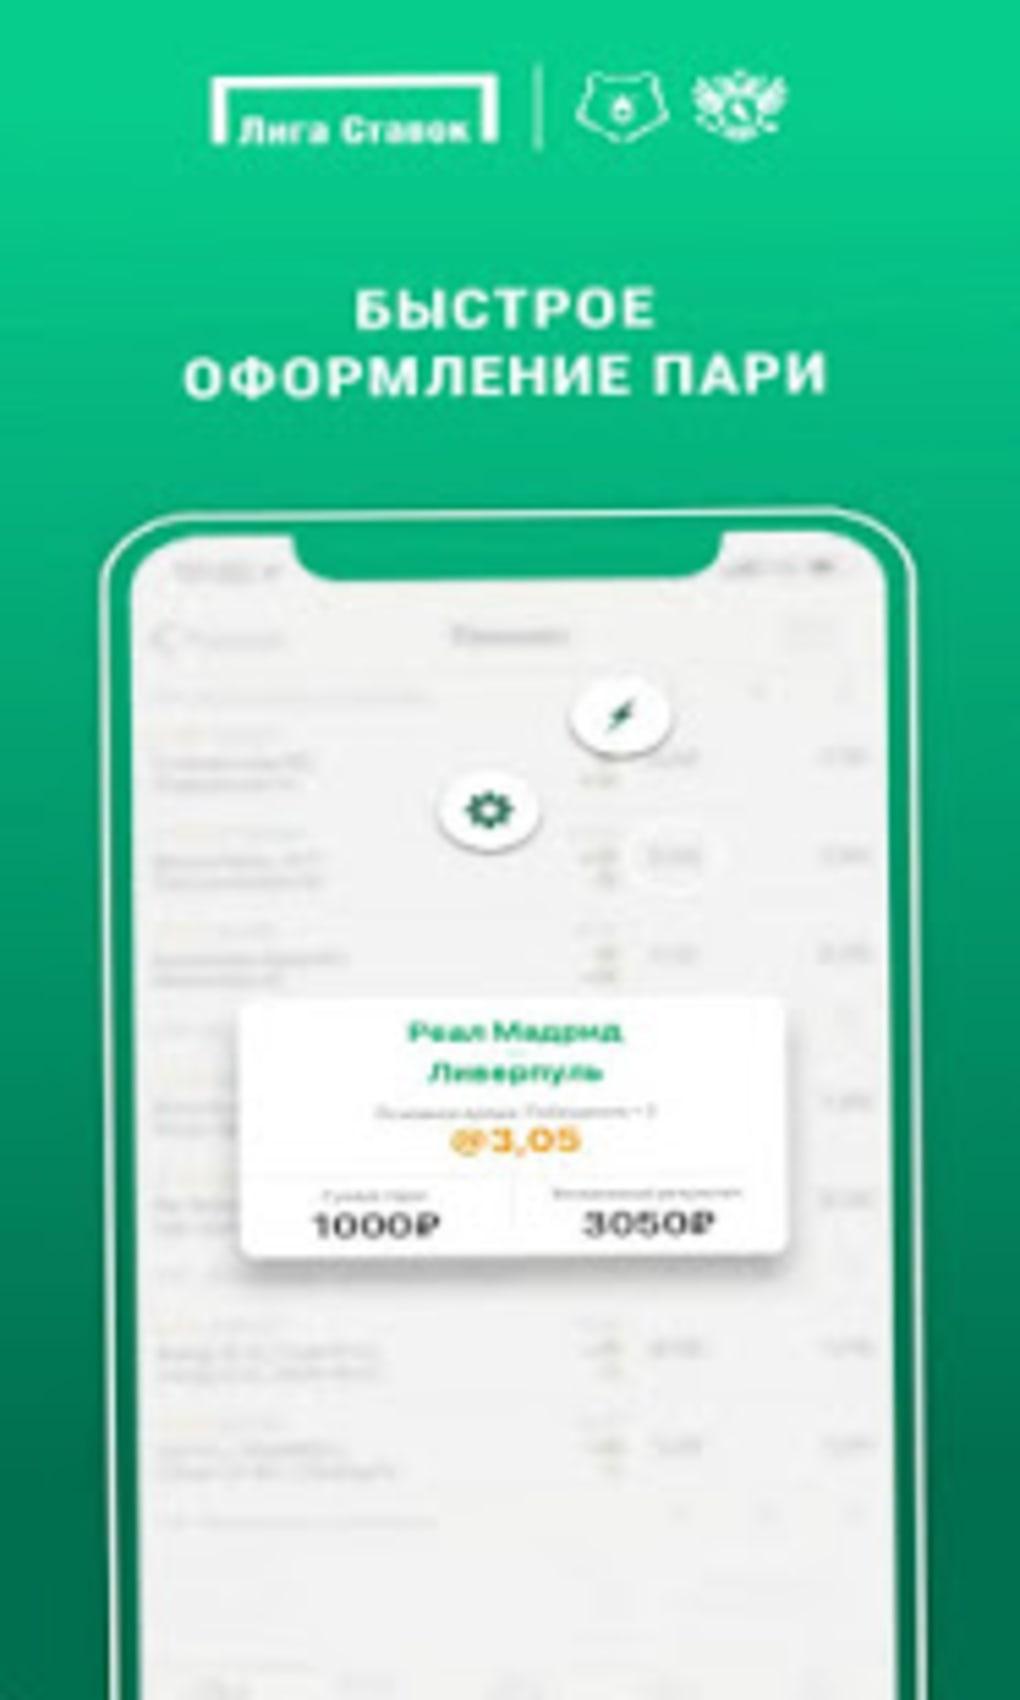 Лига ставок букмекерская контора на андроид онлайн ставки запрещены в россии или нет